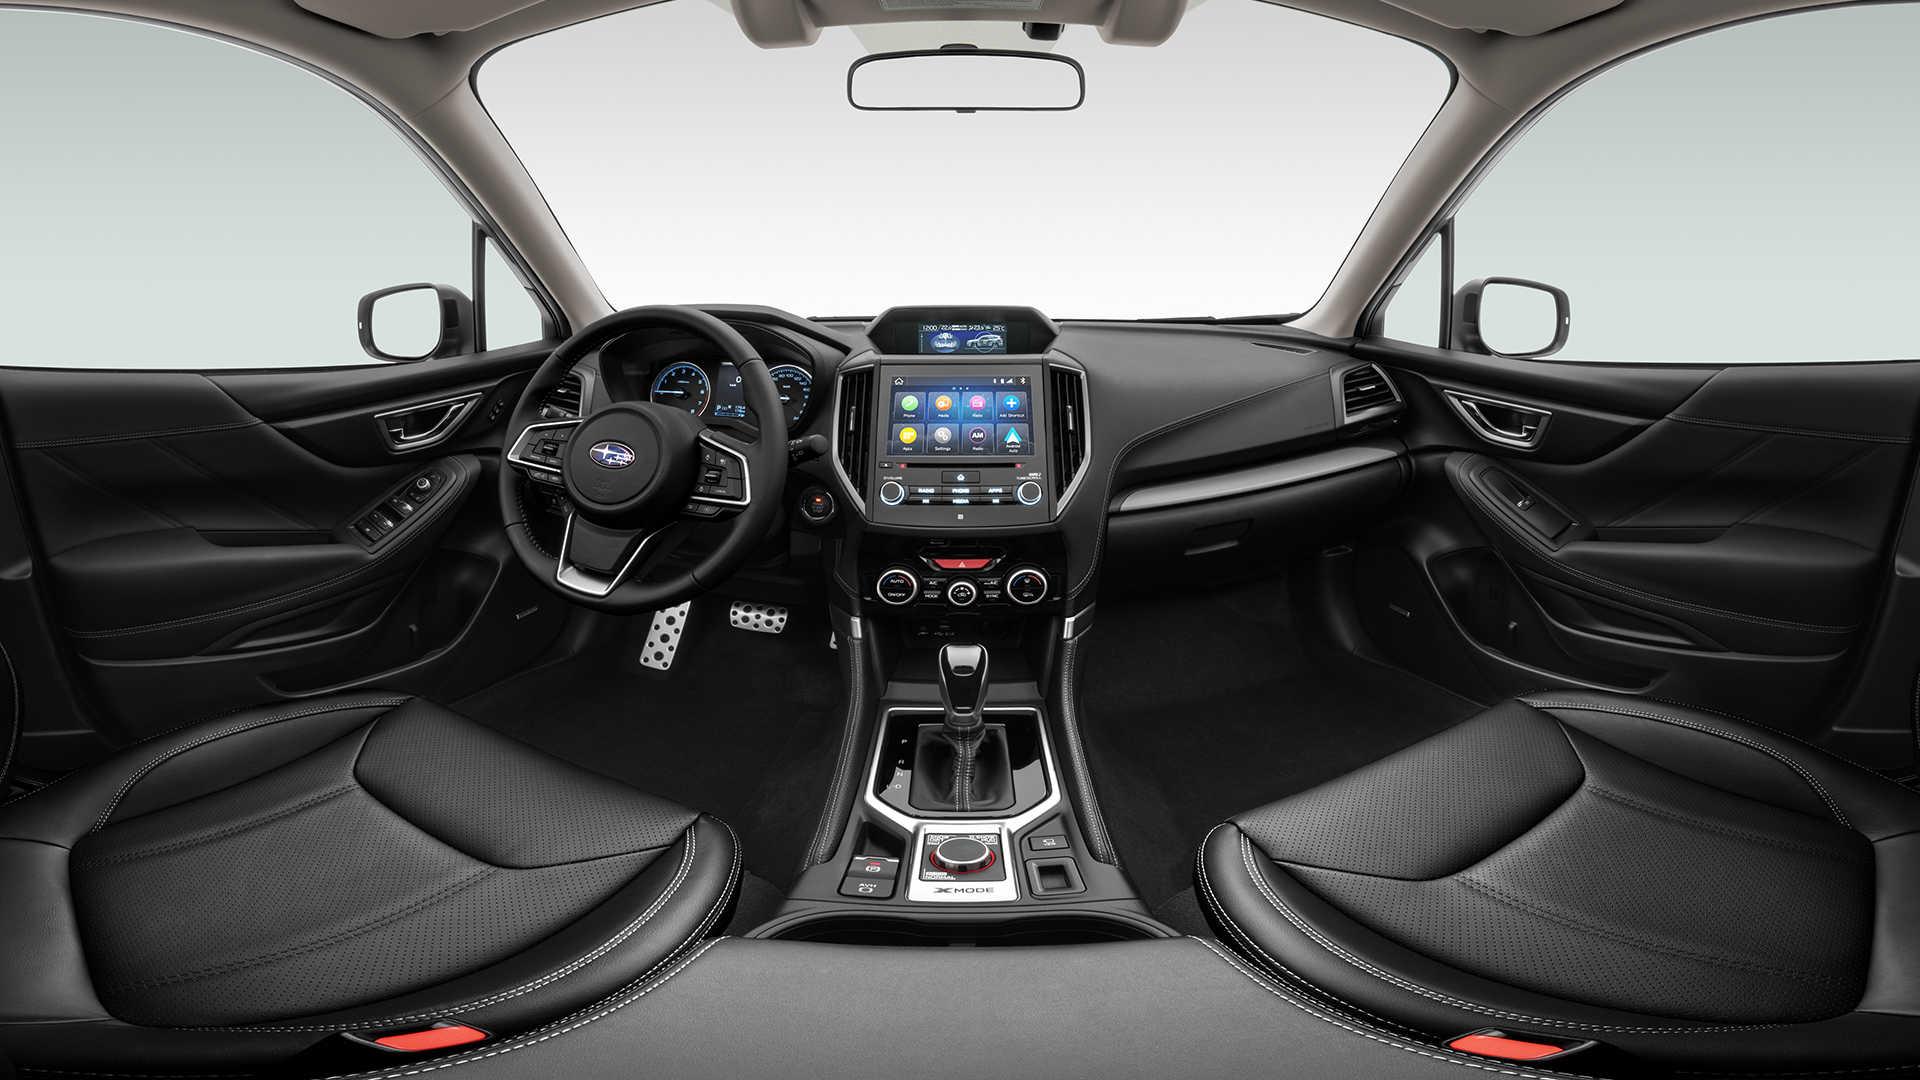 2019 Subaru Forester Interior Features